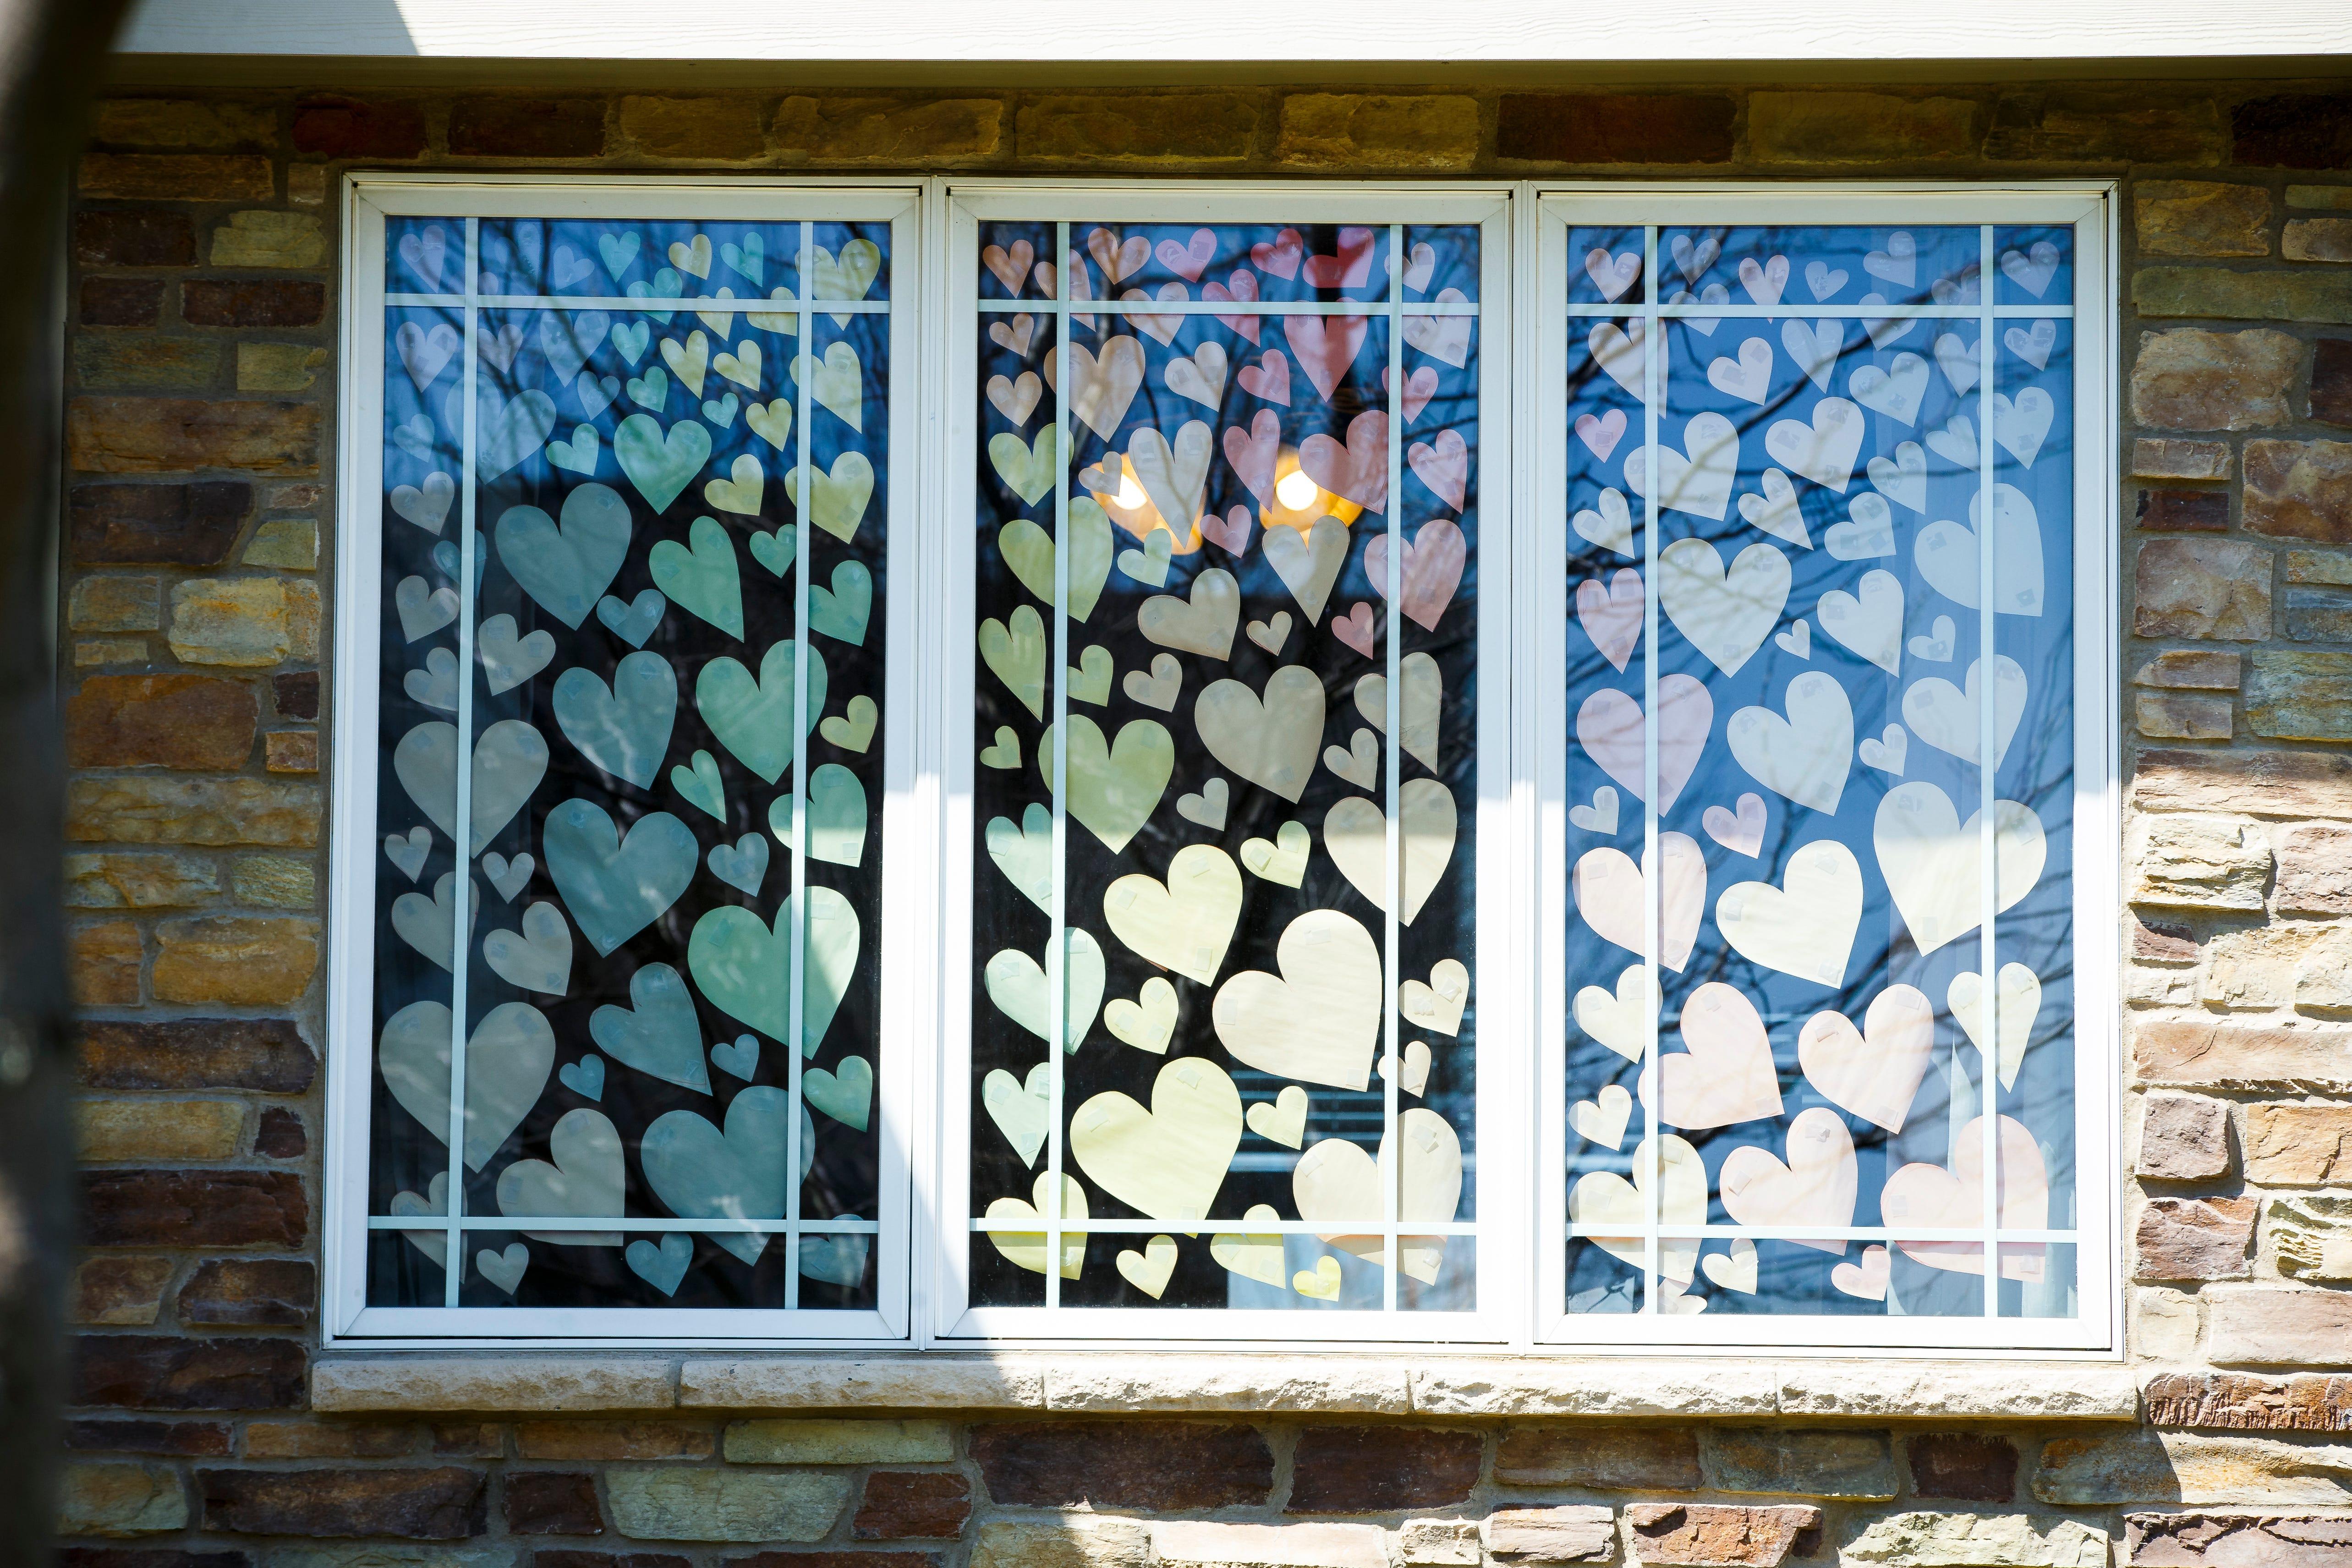 Paper hearts adorn a window